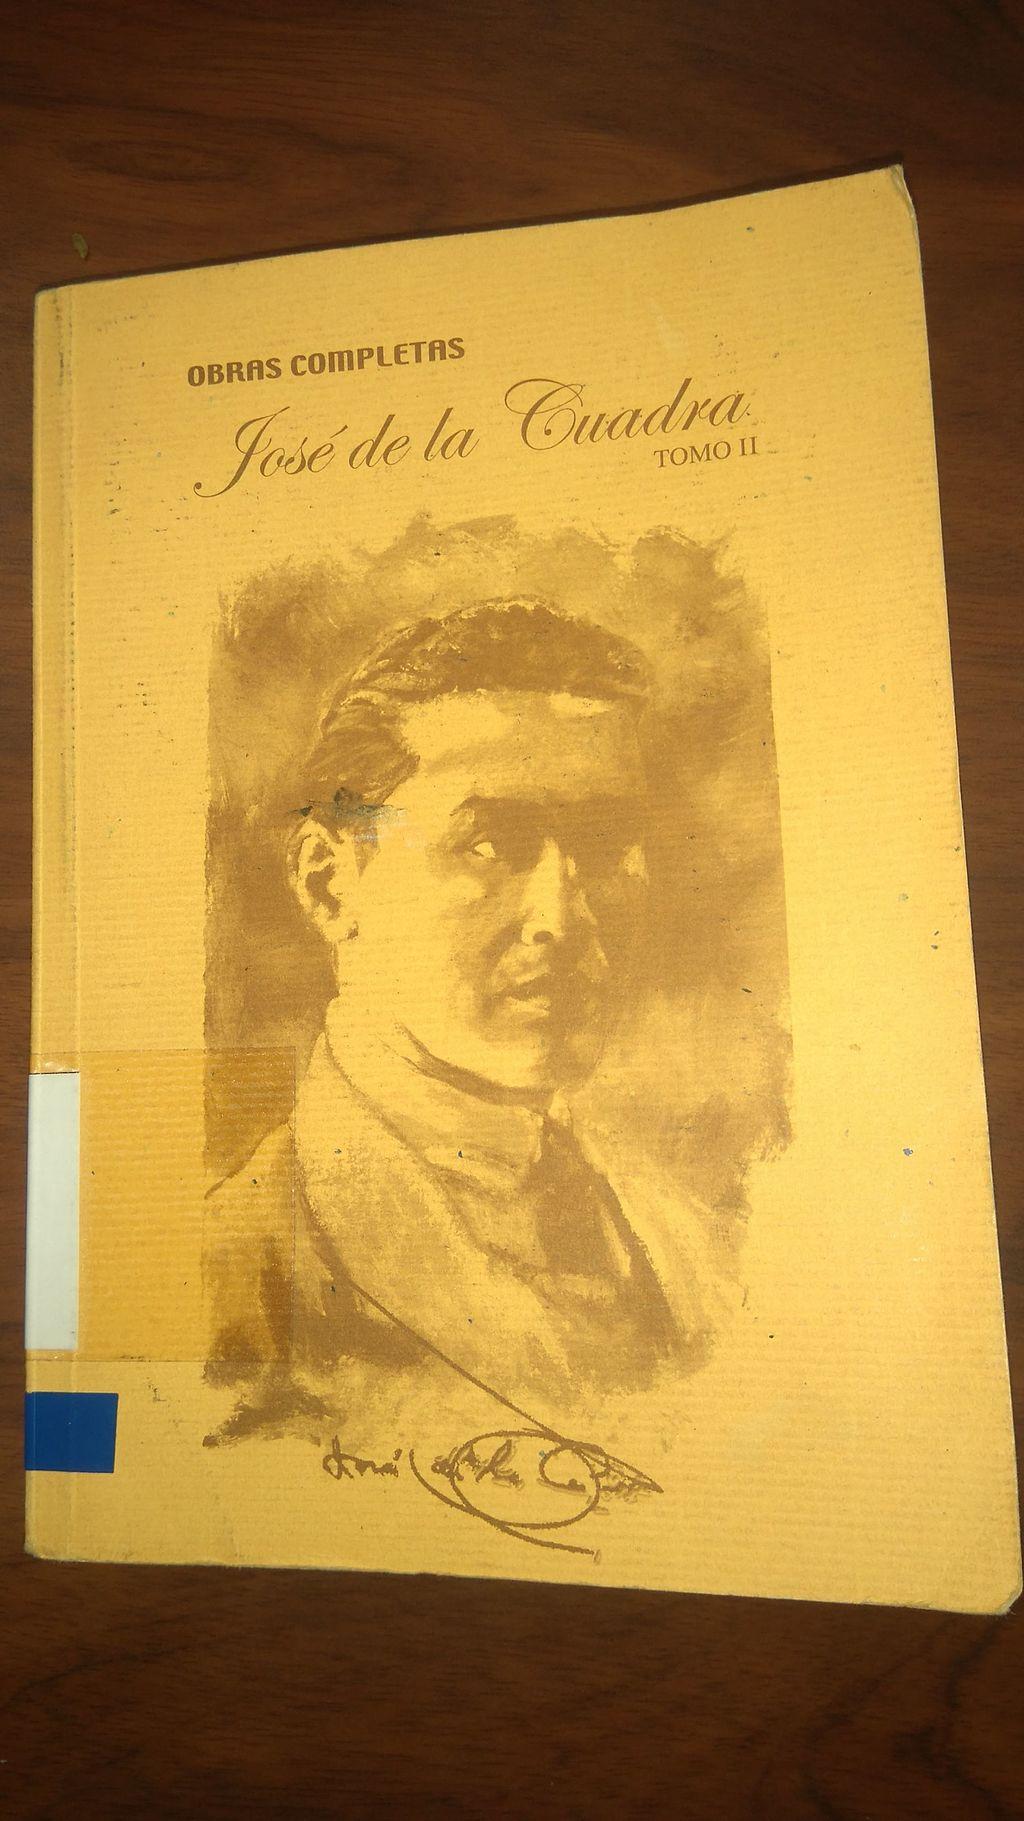 José de la Cuadra: biografia e obras 2